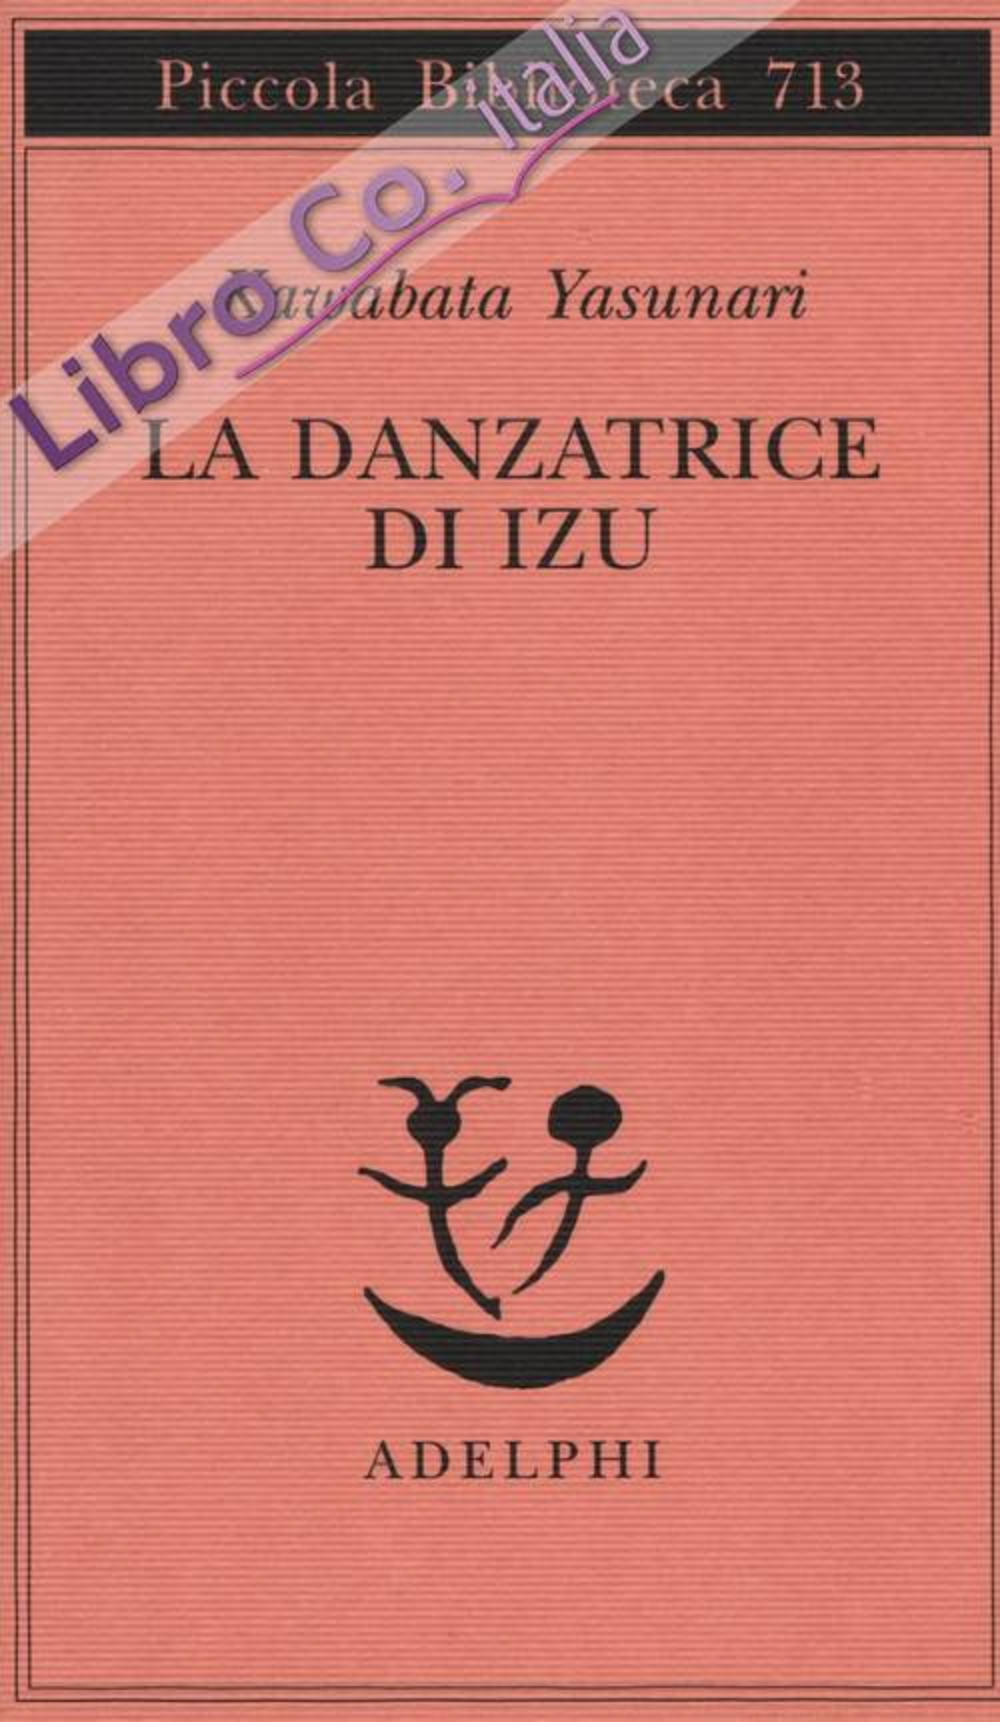 La danzatrice di Izu